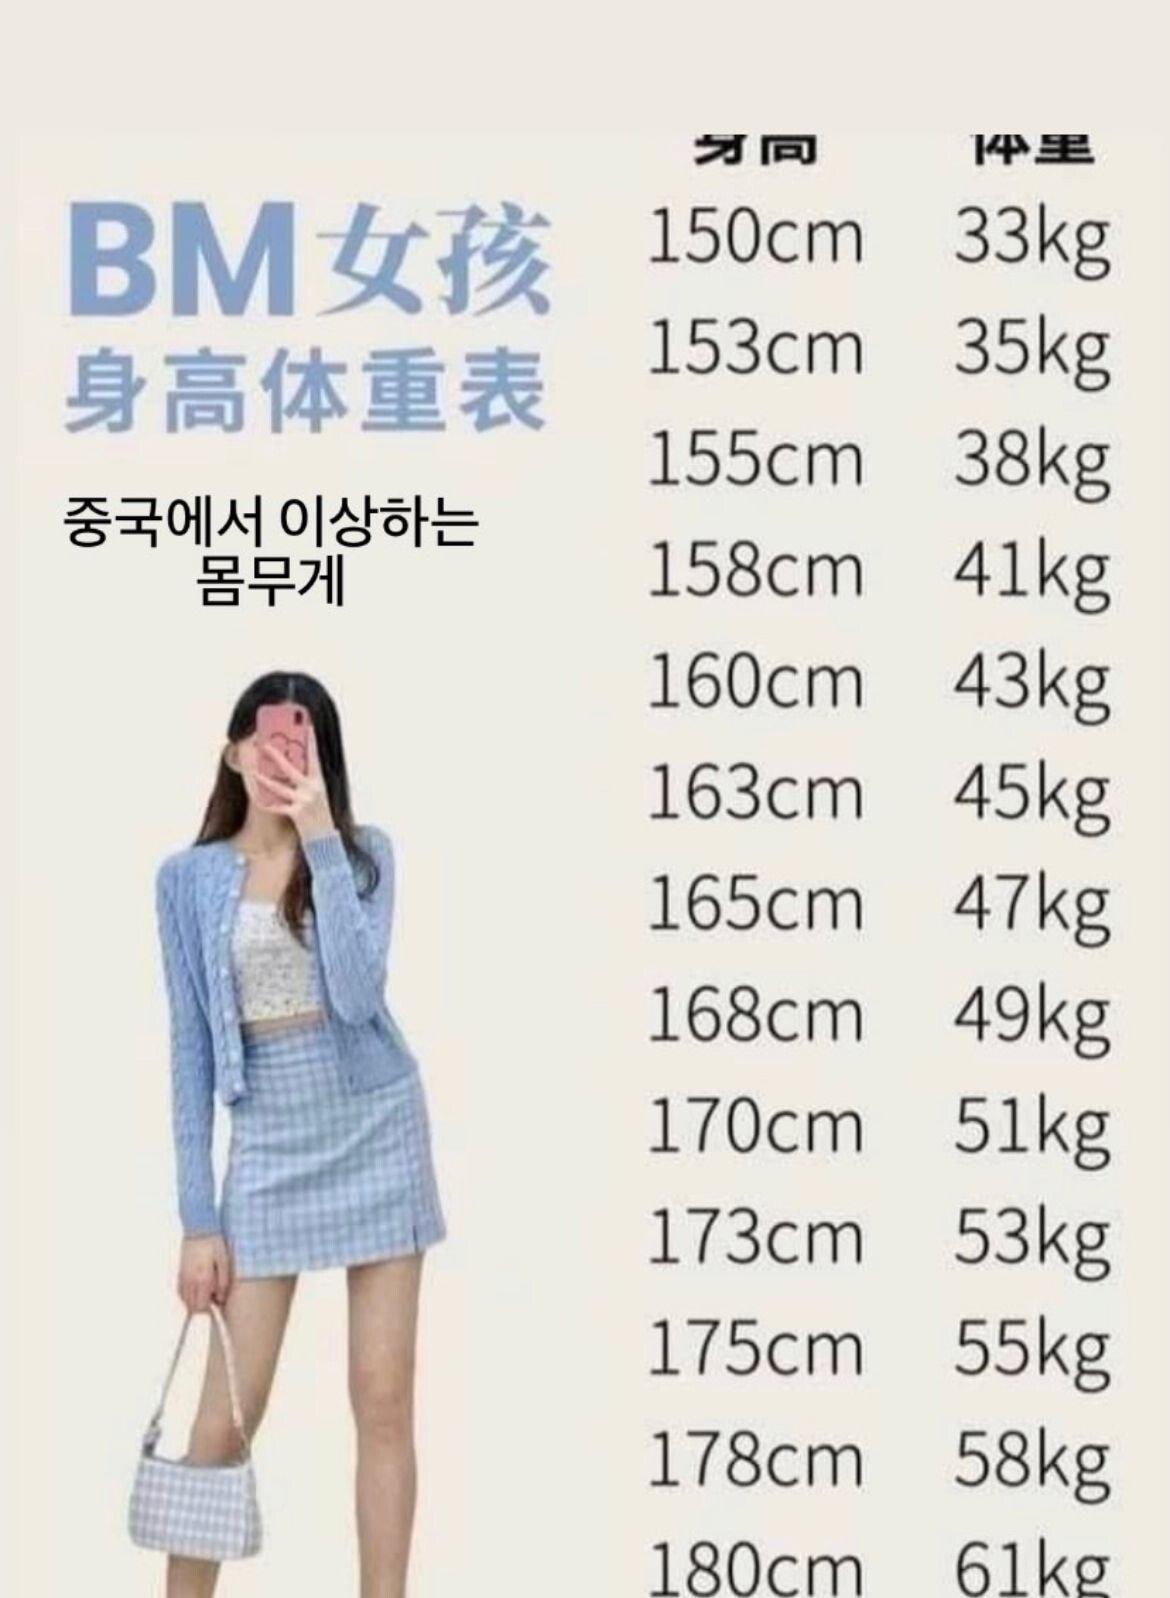 ECC892BD-E3EC-4F1E-9366-A3AA5ABE104A.jpeg.jpg 중국에서 이상적으로 보는 여자 몸무게...jpg